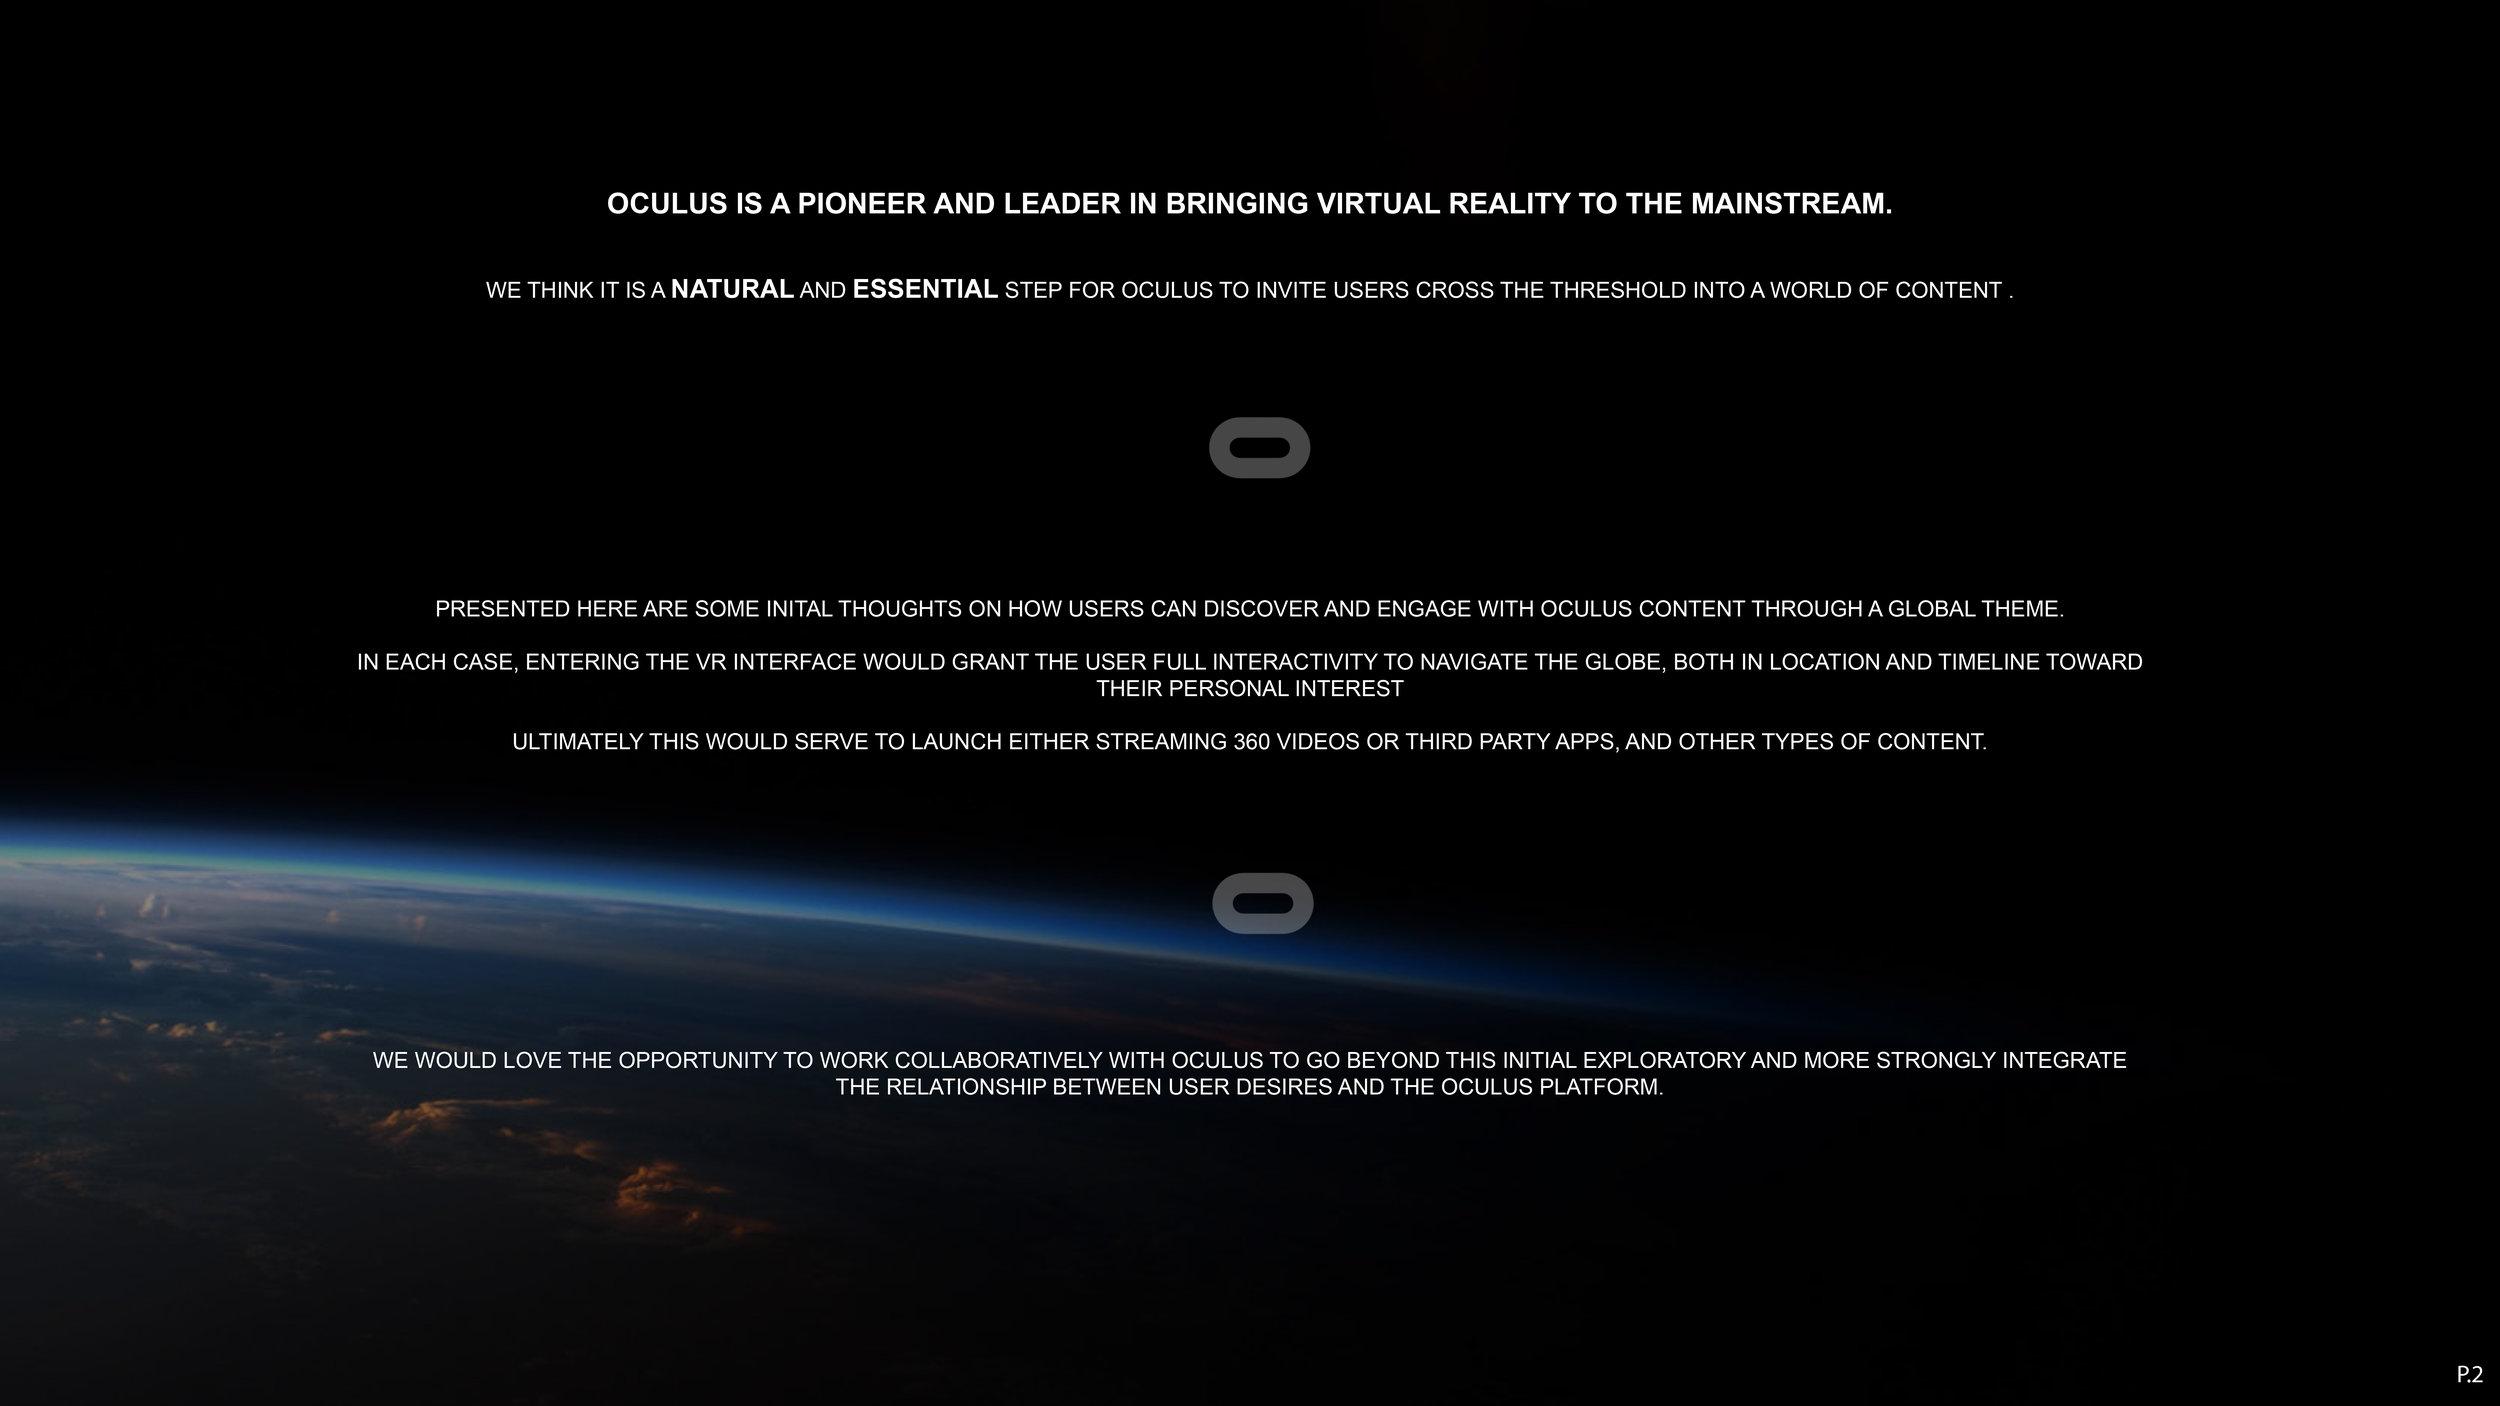 RFX_Oculus_GlobeVR_Concepts_v1_20160629-2.jpg